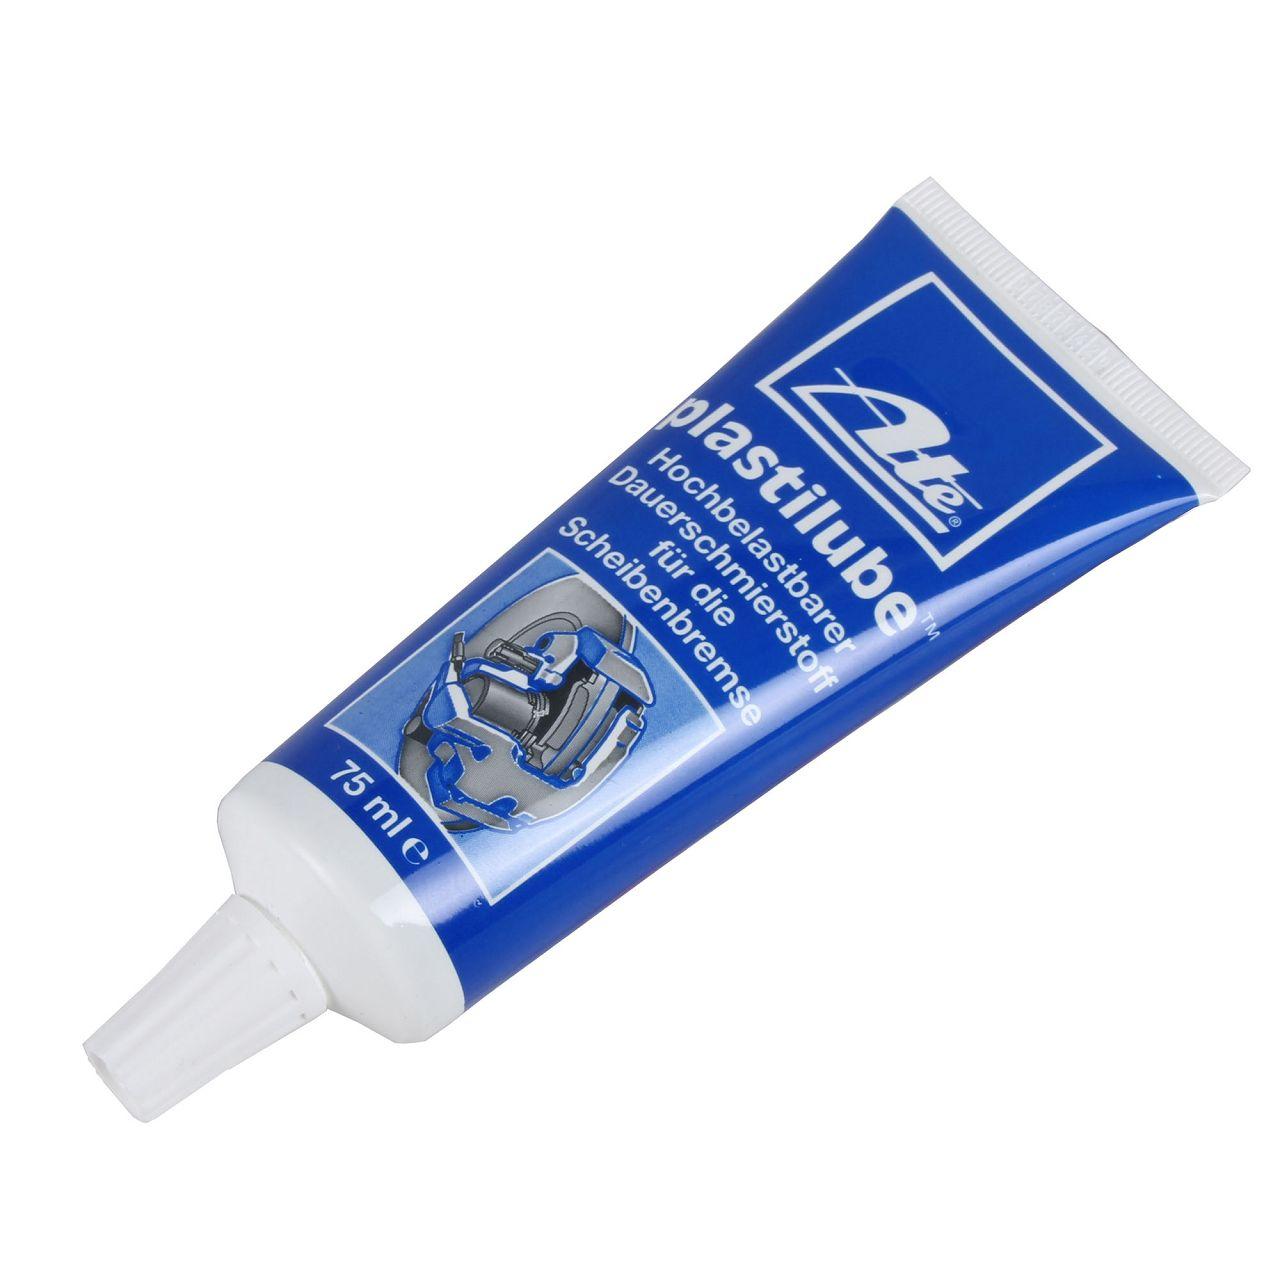 ATE Universalschmierstoff Plastilube ANTI-Quietsch-Paste 75ml 03.9902-1002.2